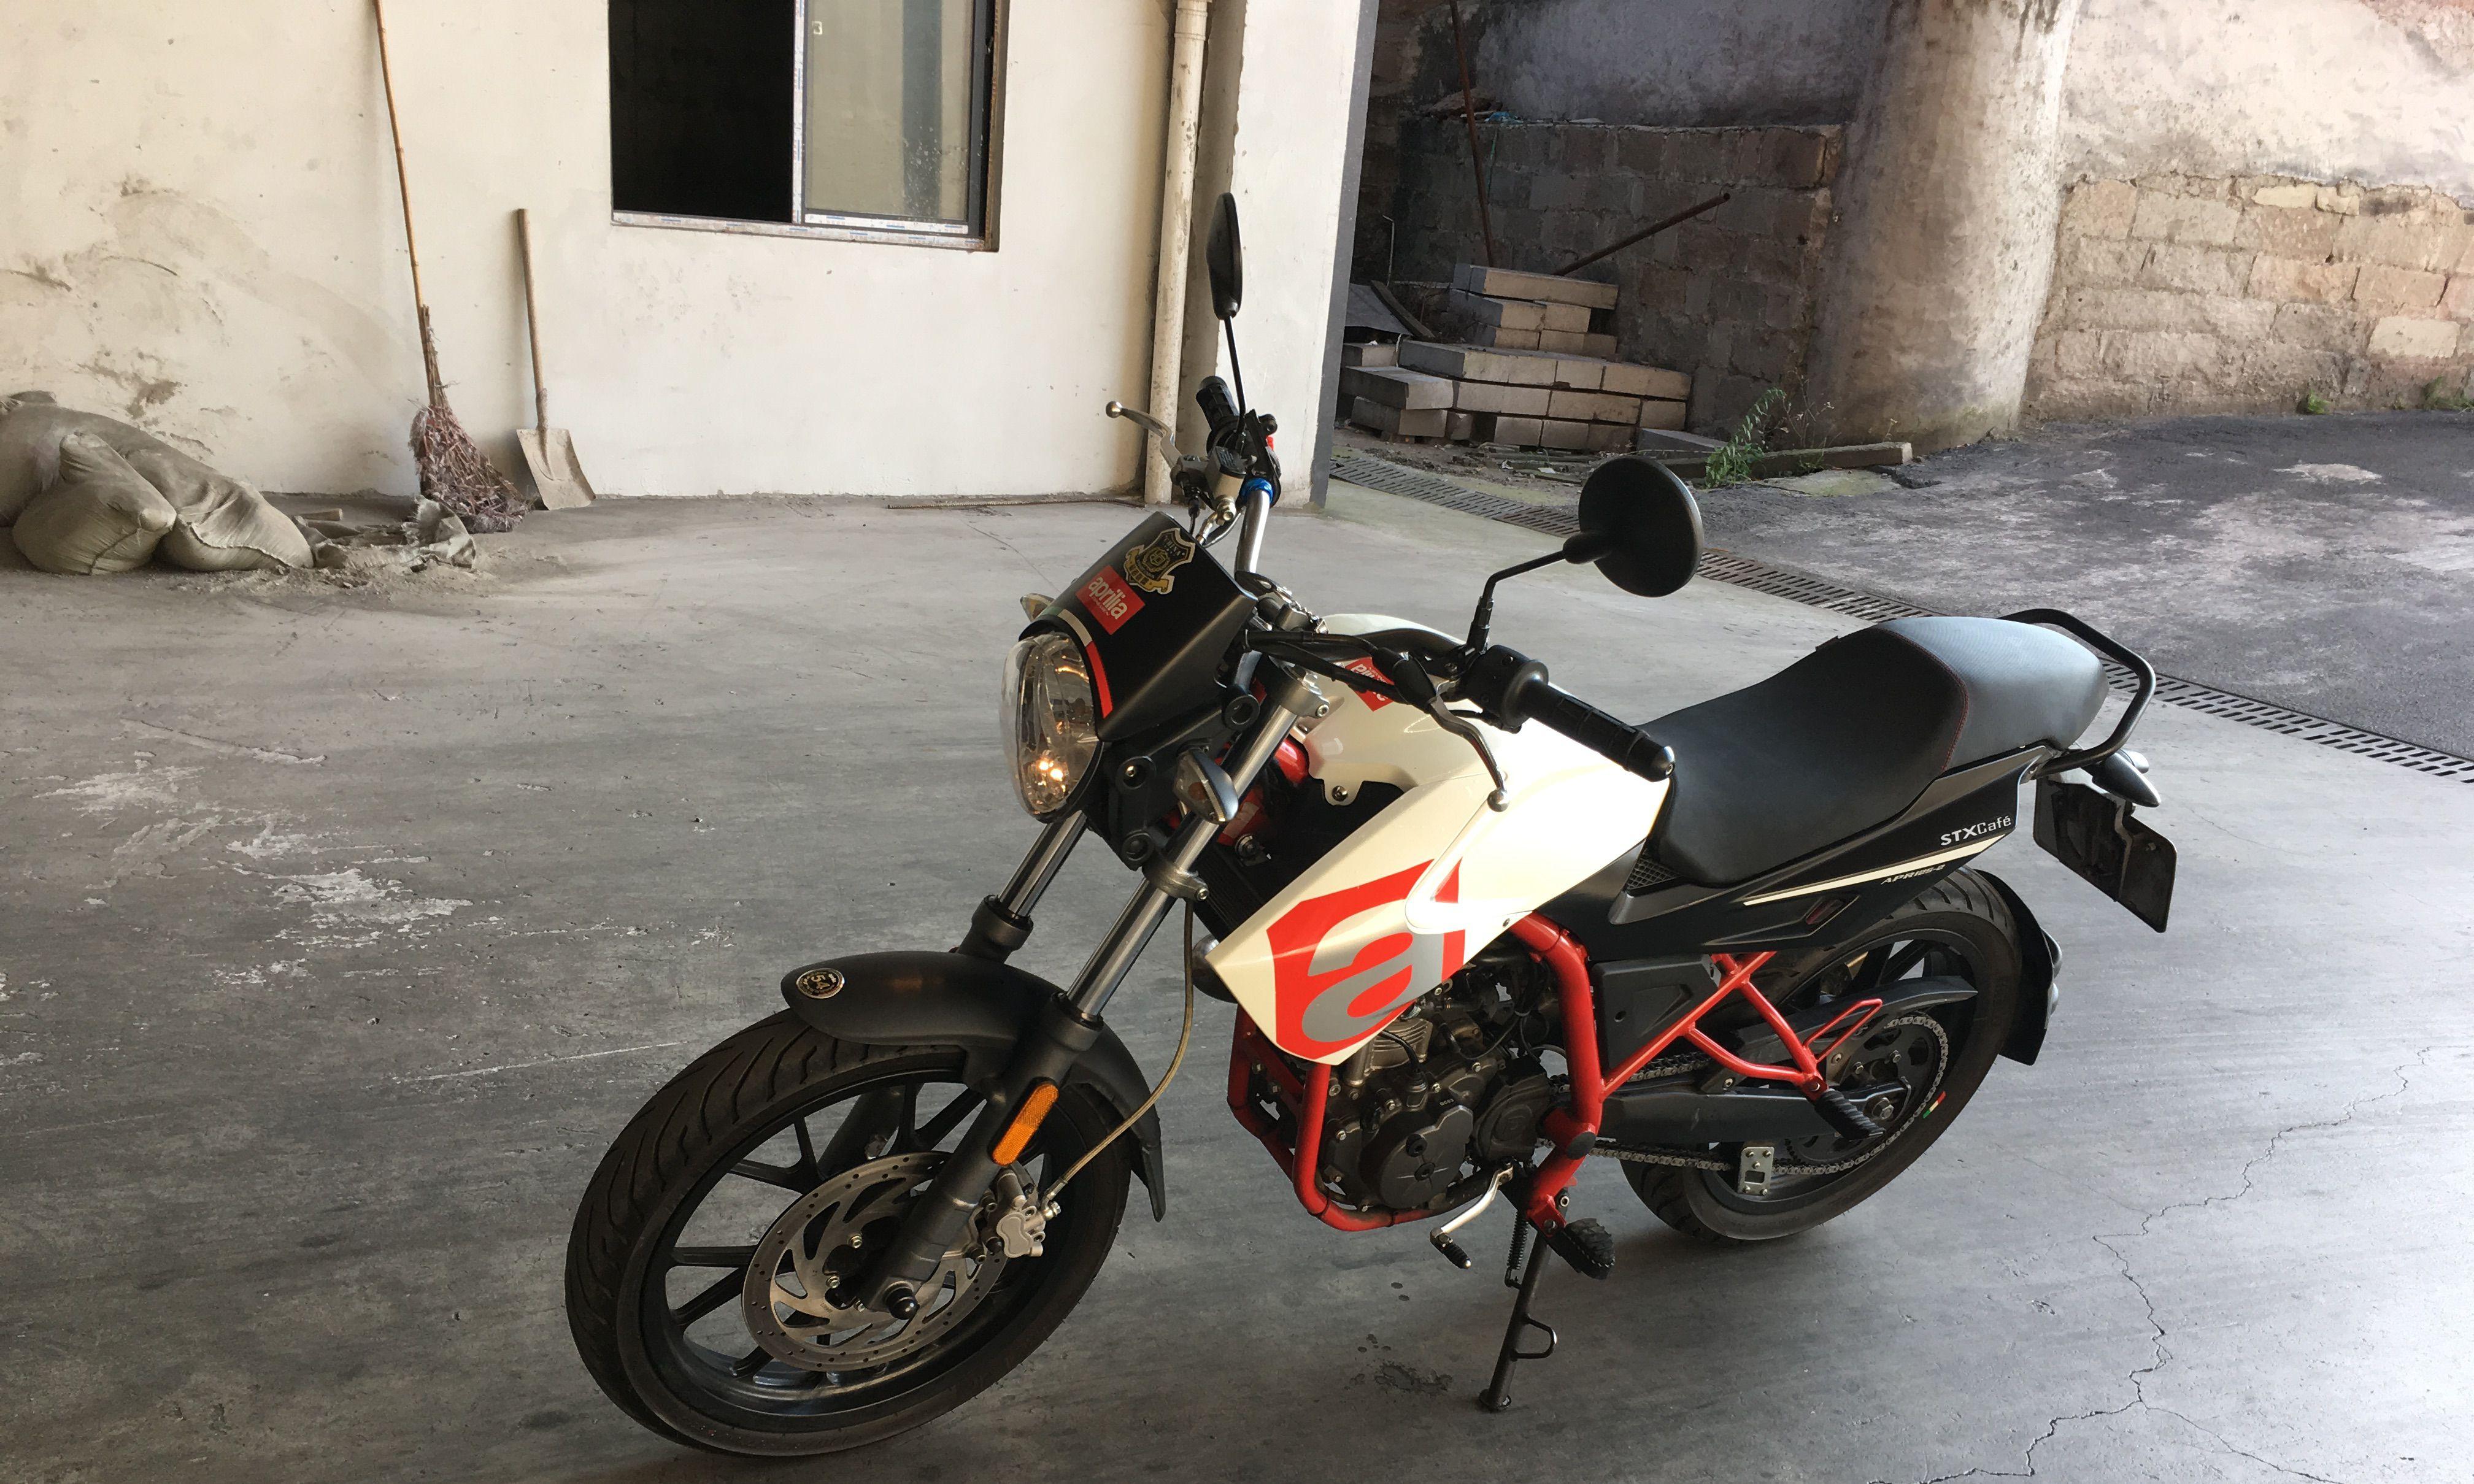 重庆渝北阿普利亚|阿普利亚stx cafe125|150cc以下【骑者联盟二手摩